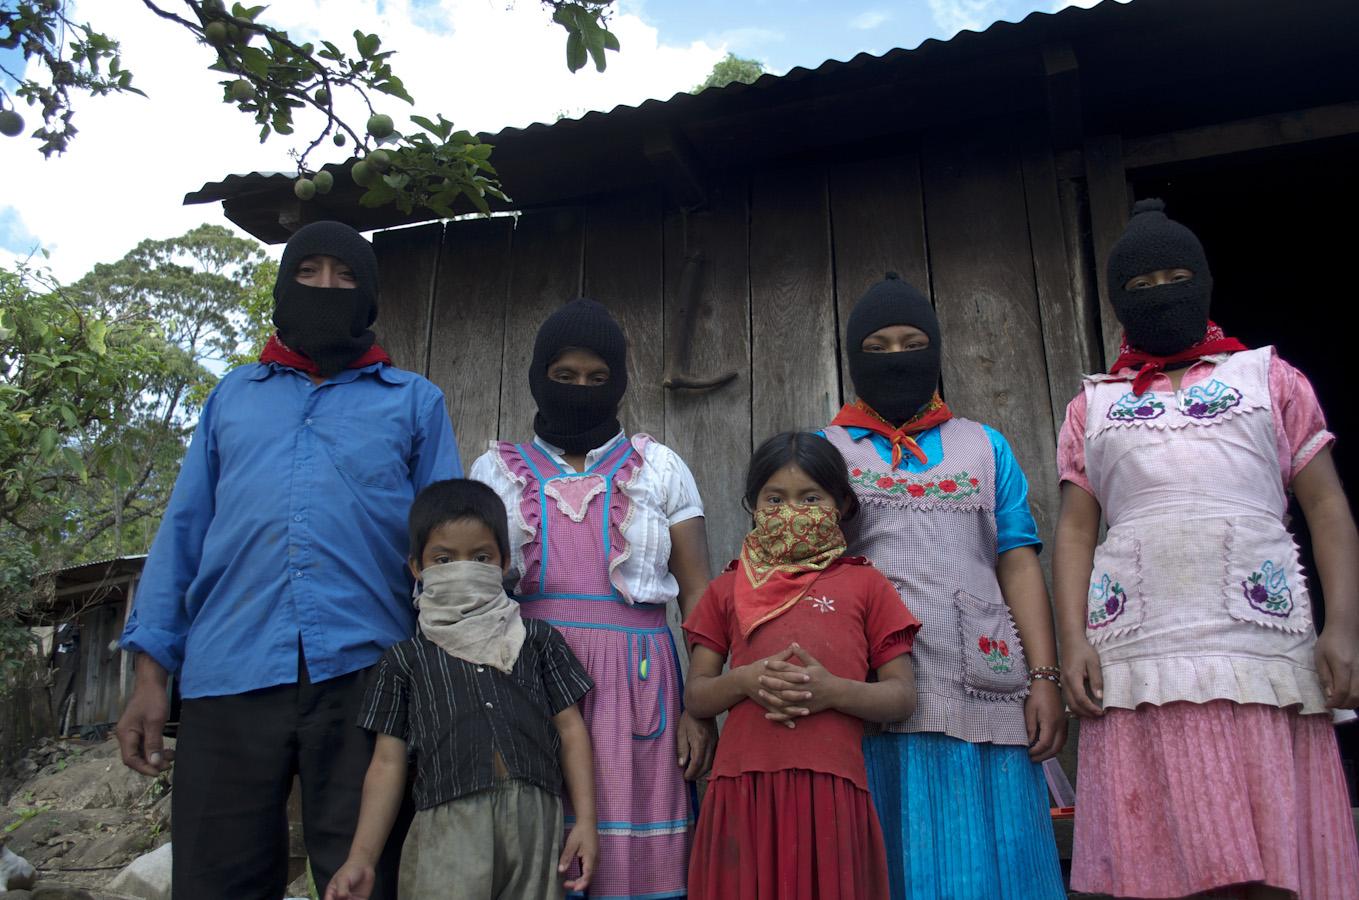 Las familias zapatistas abrieron sus hogares. Fotografía: Amaranta Marentes Orozco